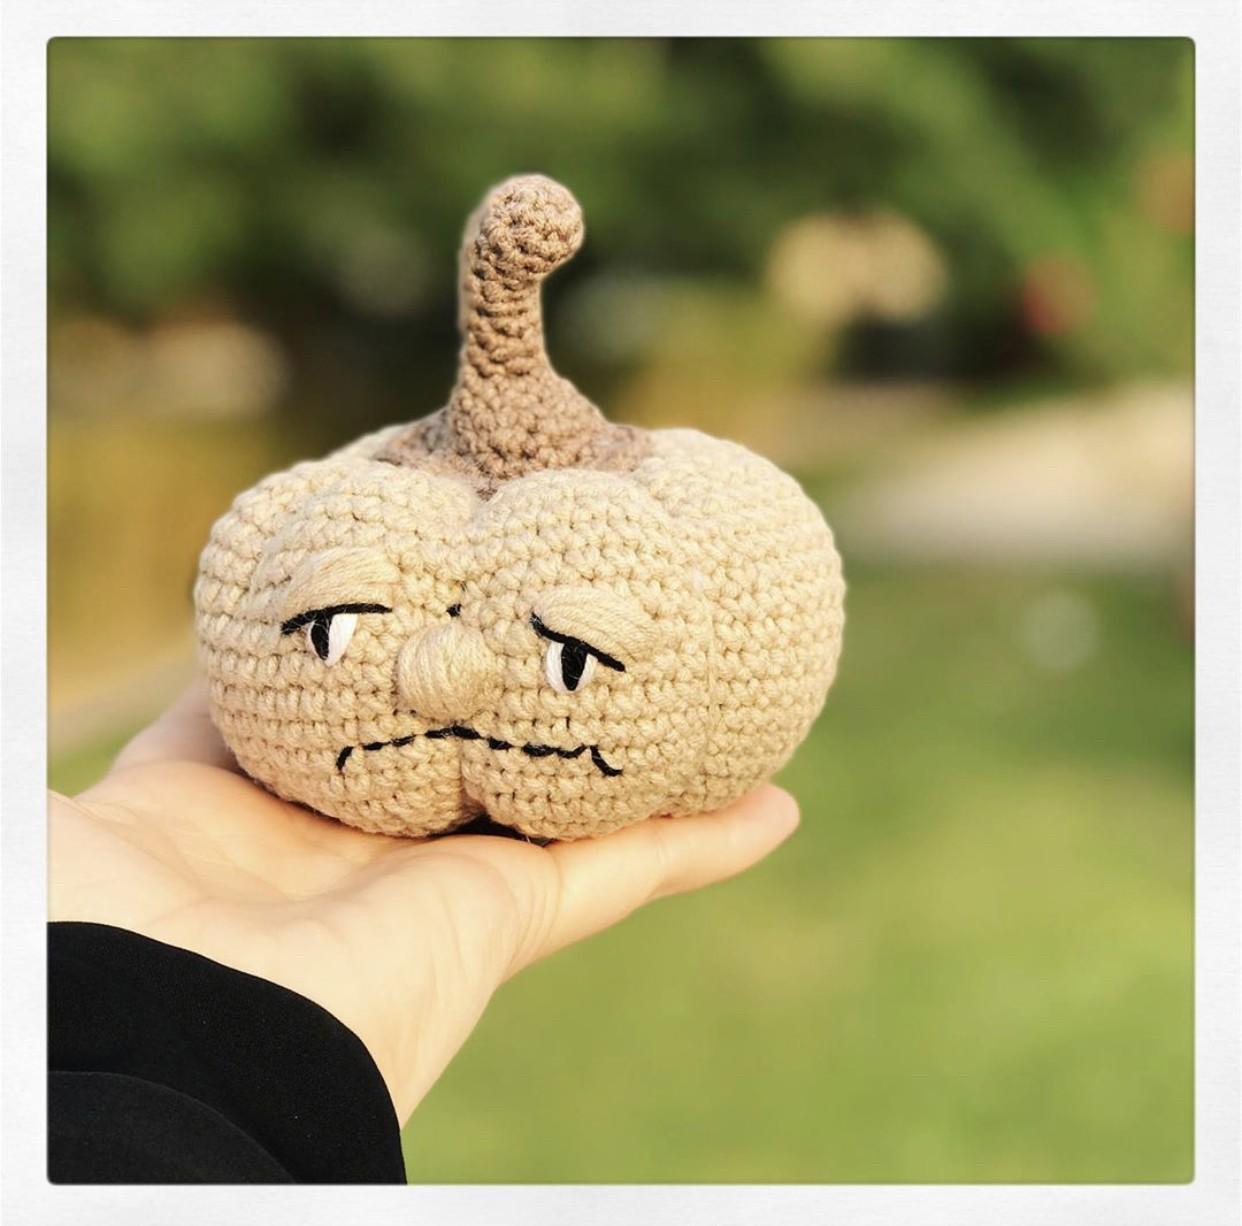 Mr. Grumpy Pumpkin